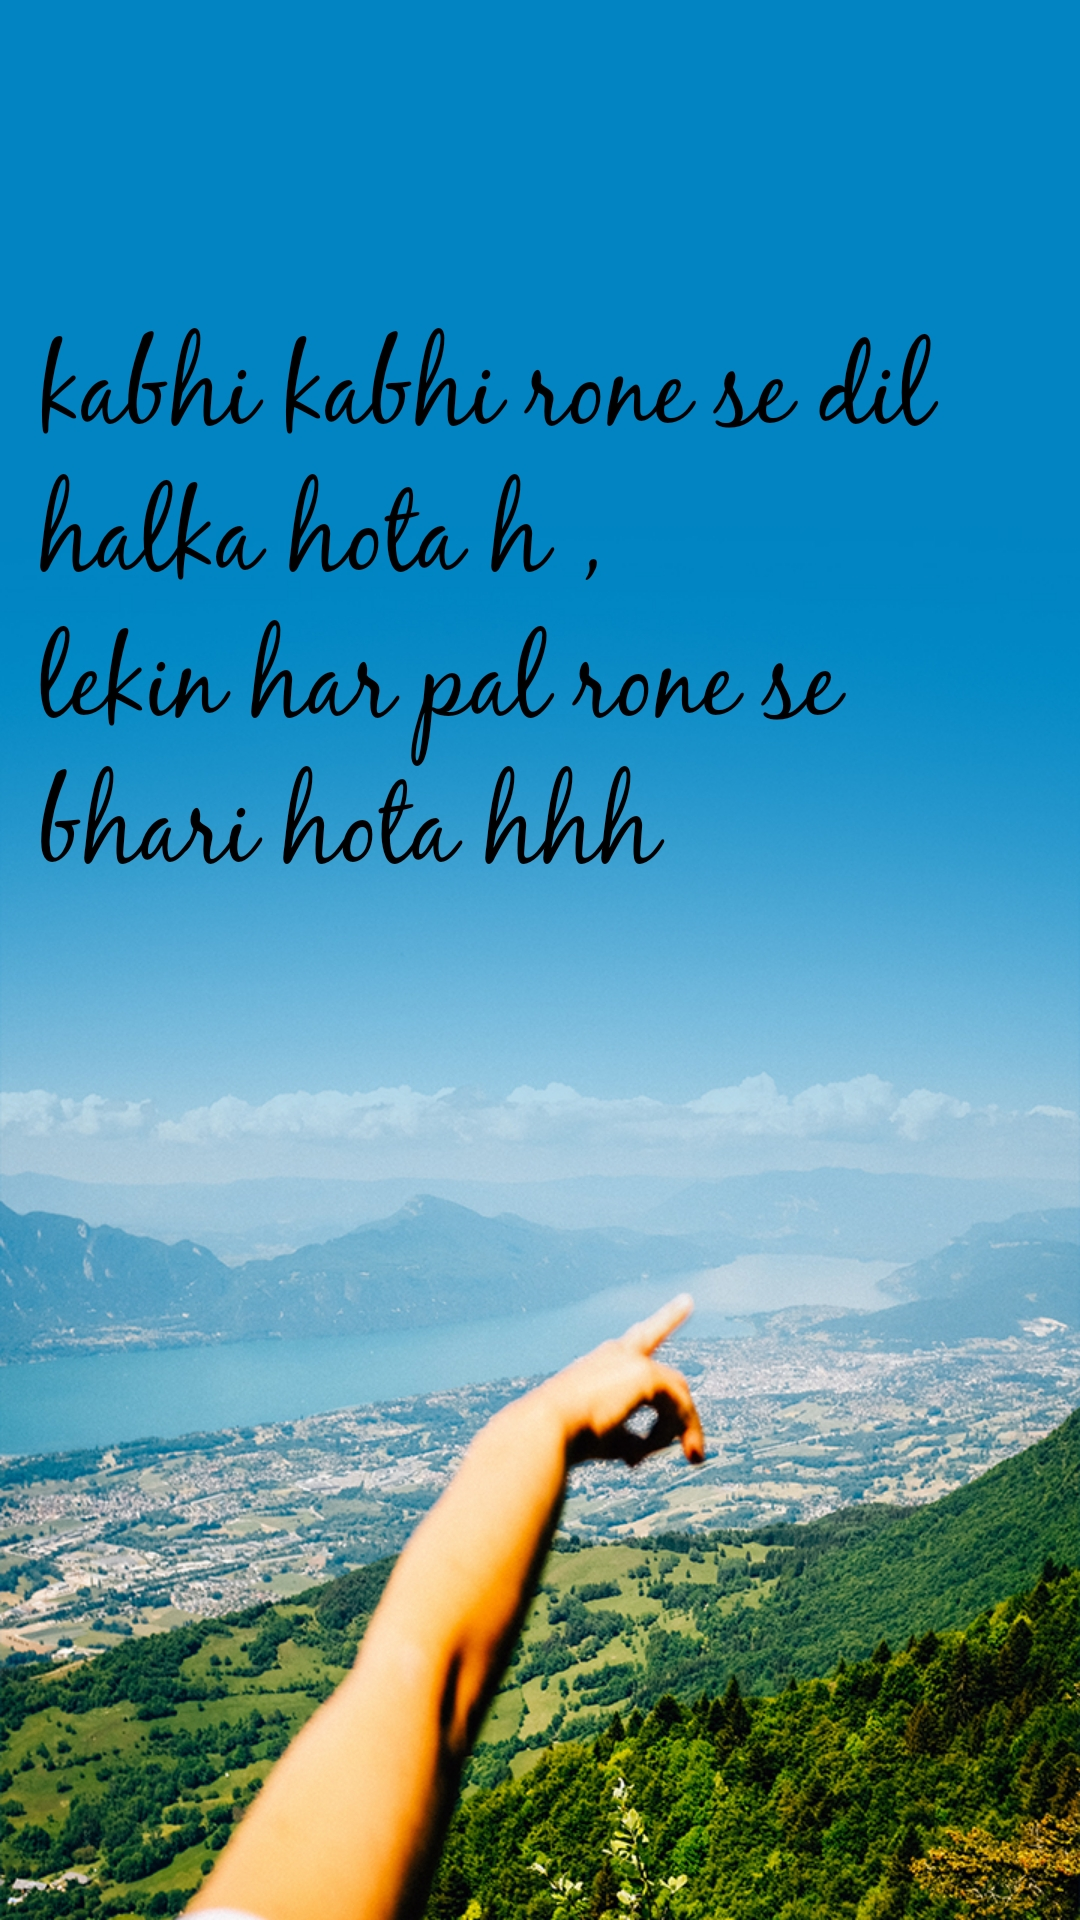 kabhi kabhi rone se dil  halka hota h ,  lekin har pal rone se  bhari hota hhh